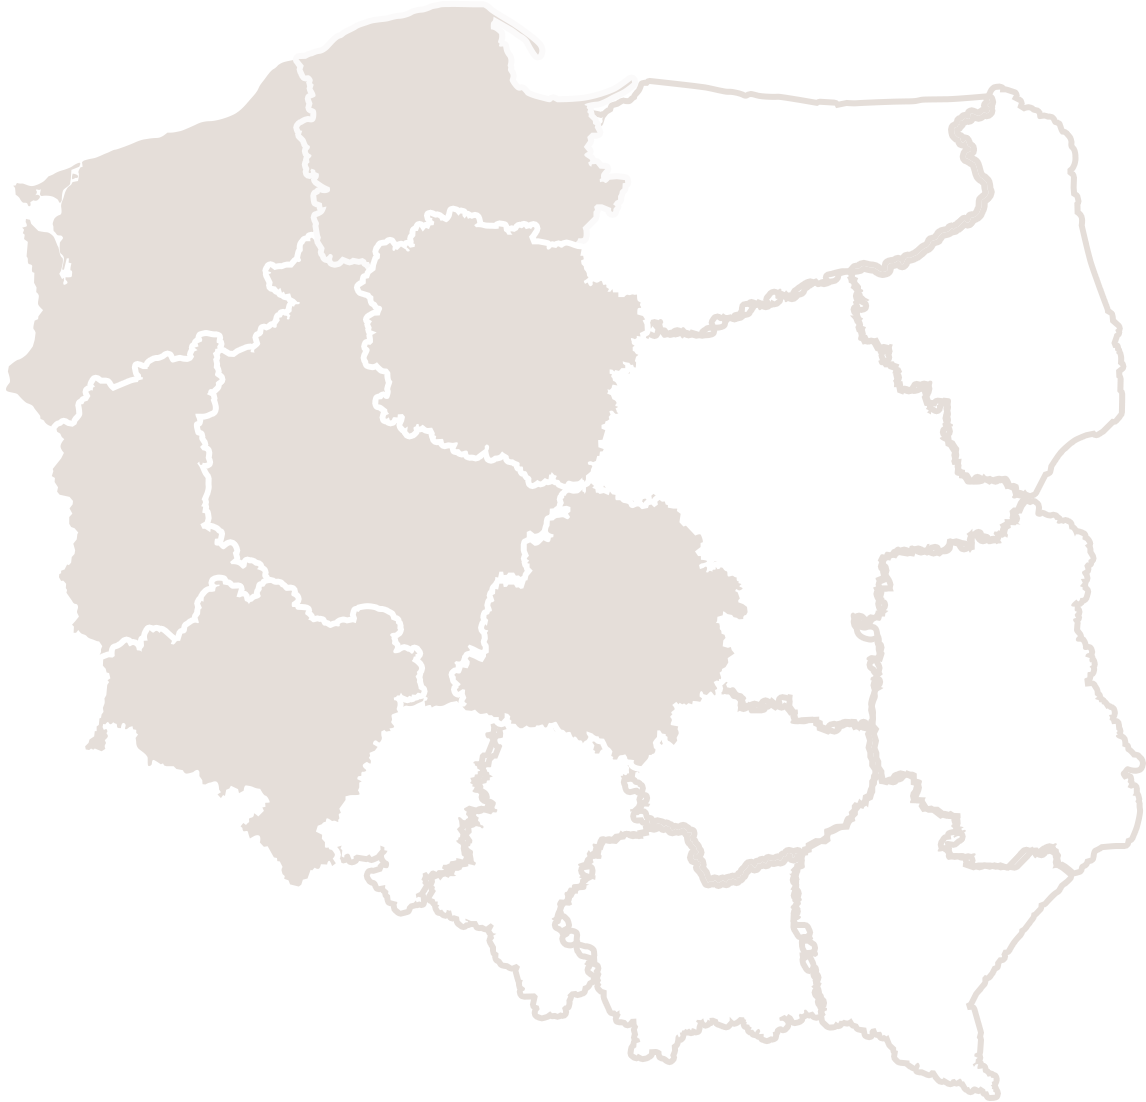 Dział handlowy - regiony: pomorskie, zachodniopomorskie, kujawsko-pomorskie, wielkopolskie, łódzkie, lubuskie, dolnośląskie